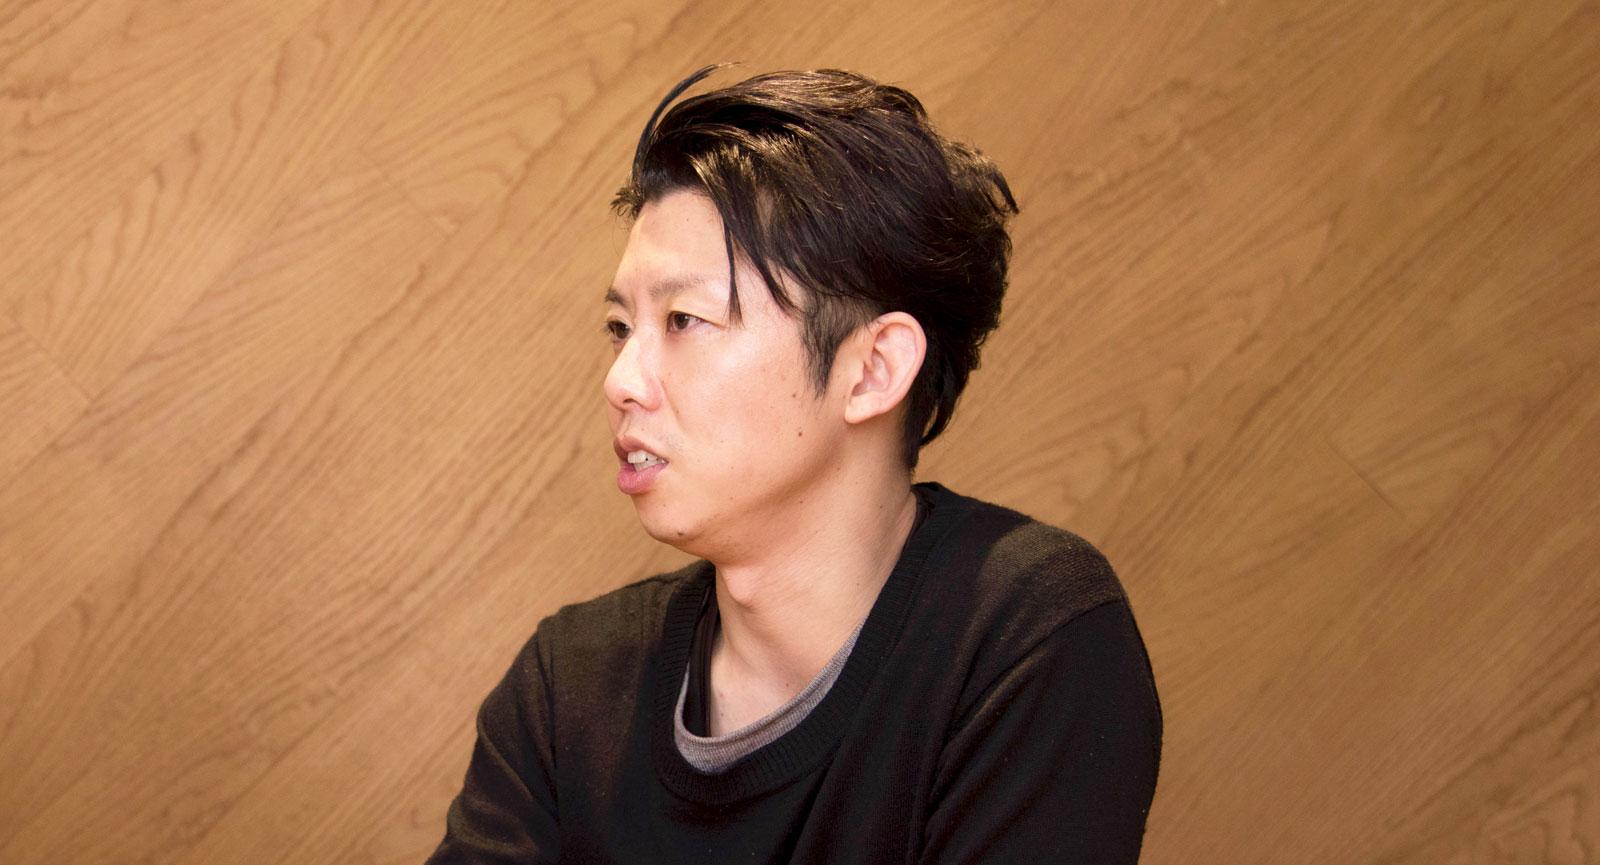 プロデューサー 飯島 悠介さん